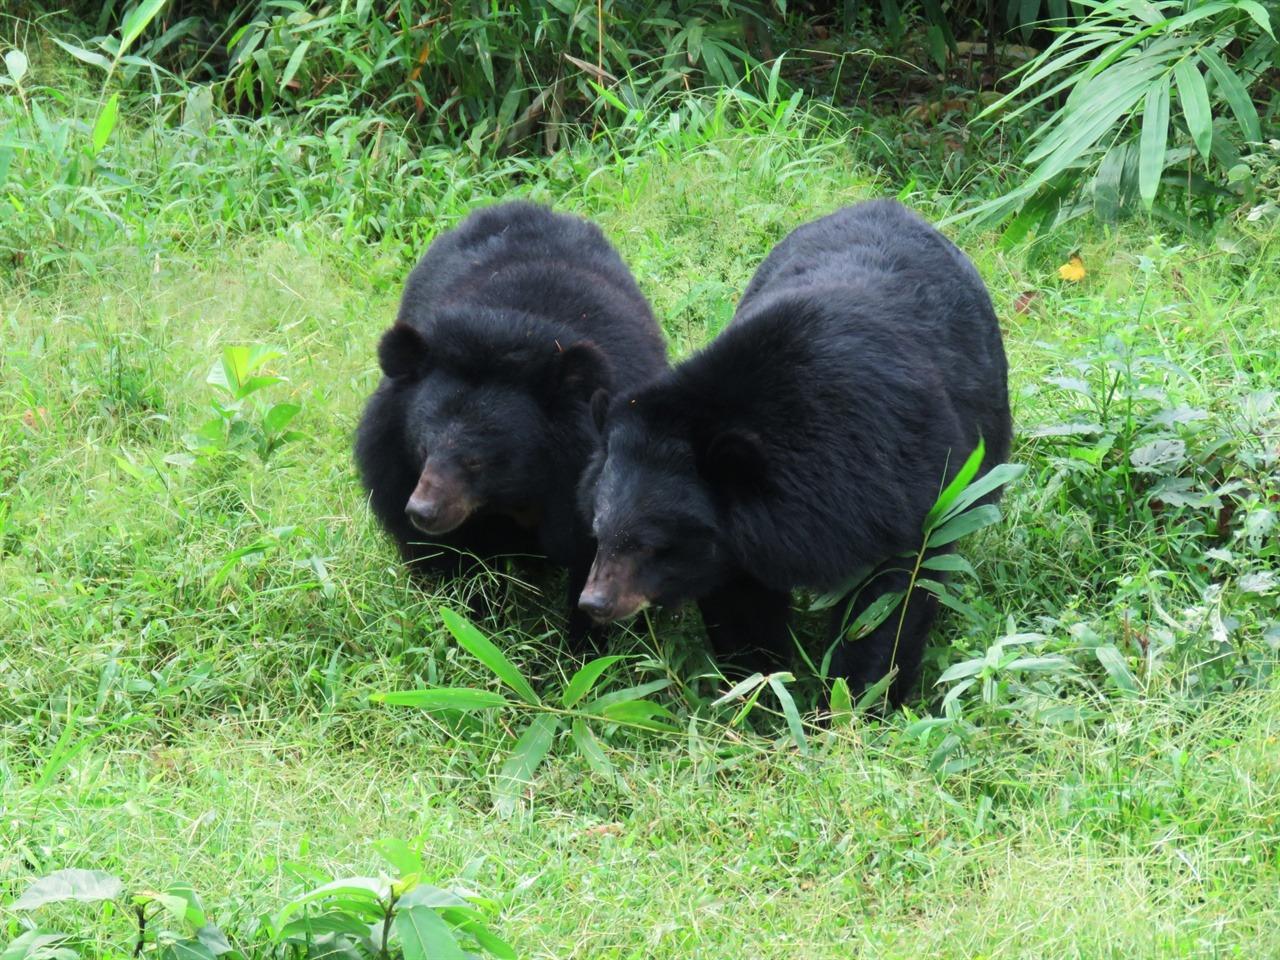 서로 가까워진 곰들. 편안히 지내고 있었다.